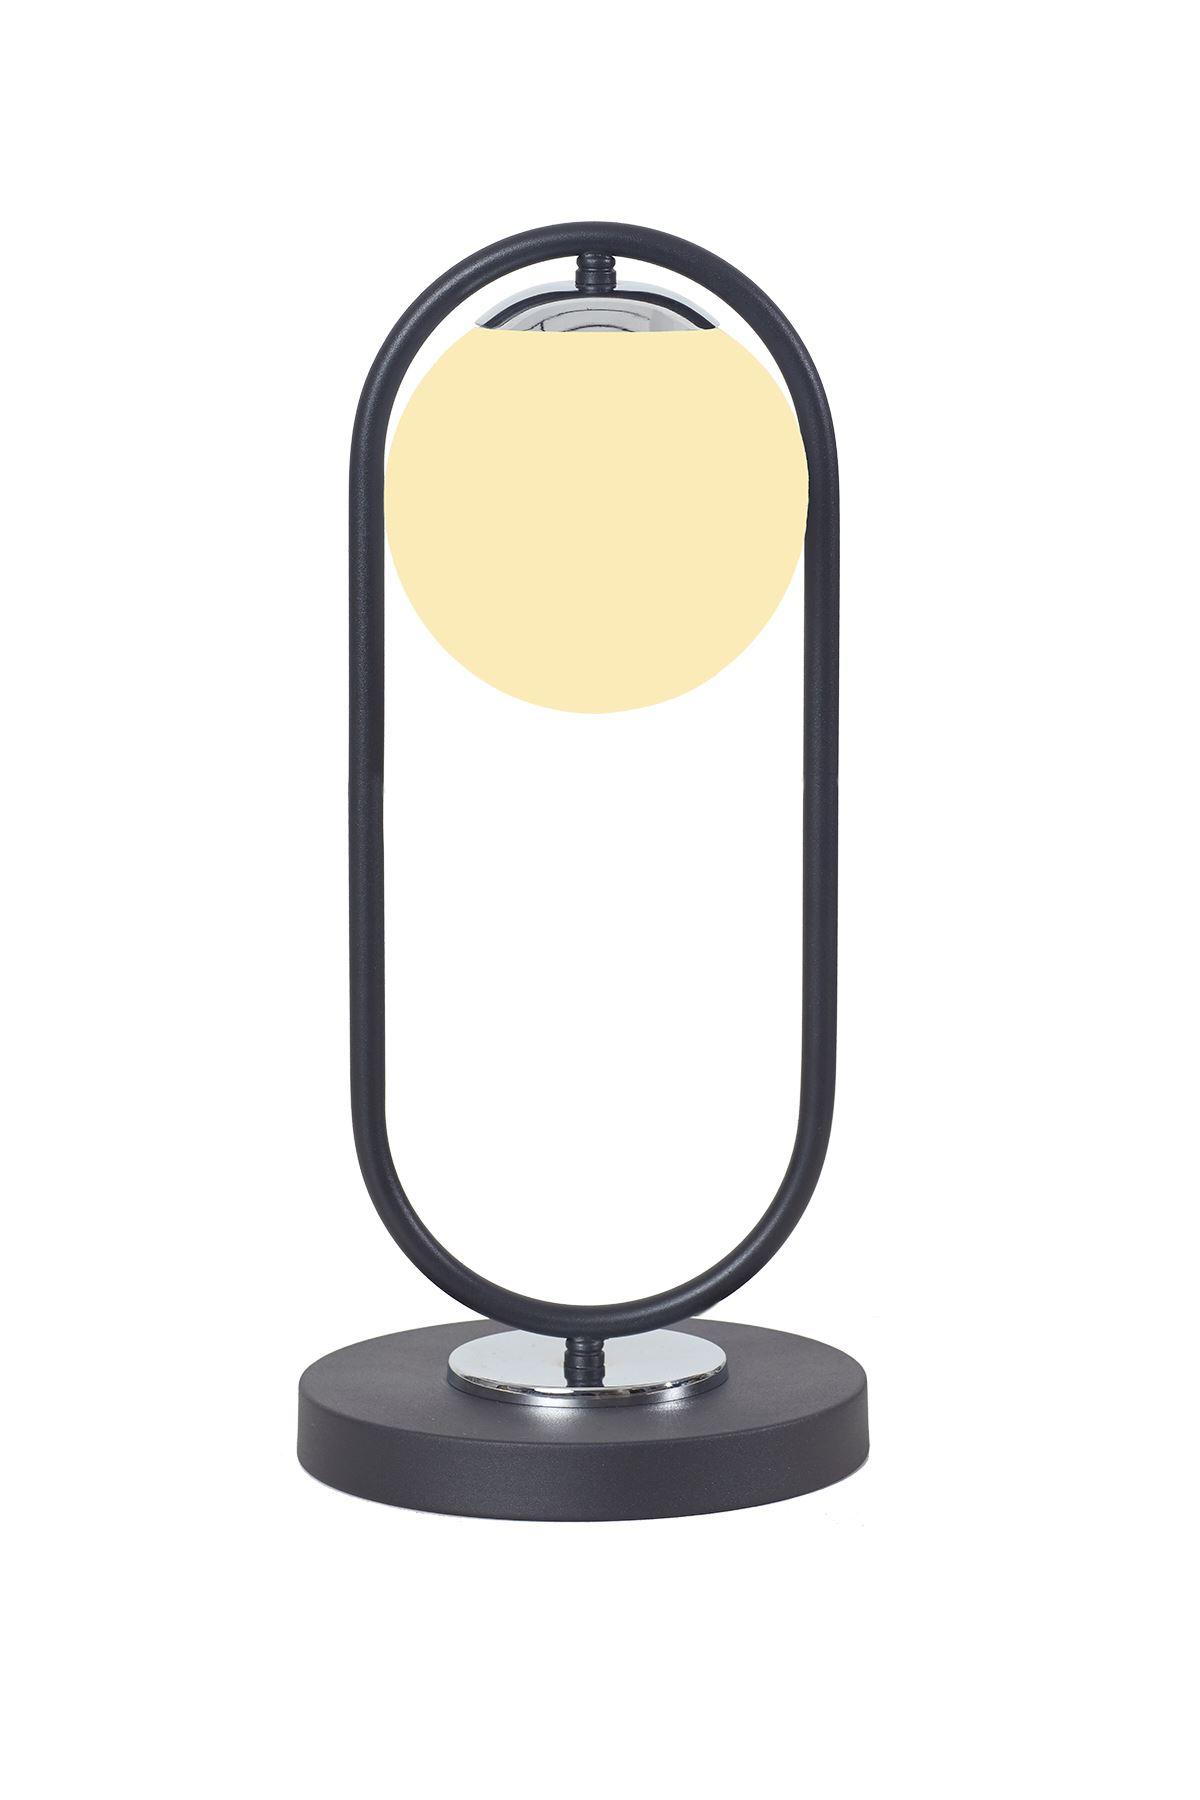 Zenga Siyah-Krom Metal Gövde Beyaz Camlı Tasarım Lüx Masa Lambası